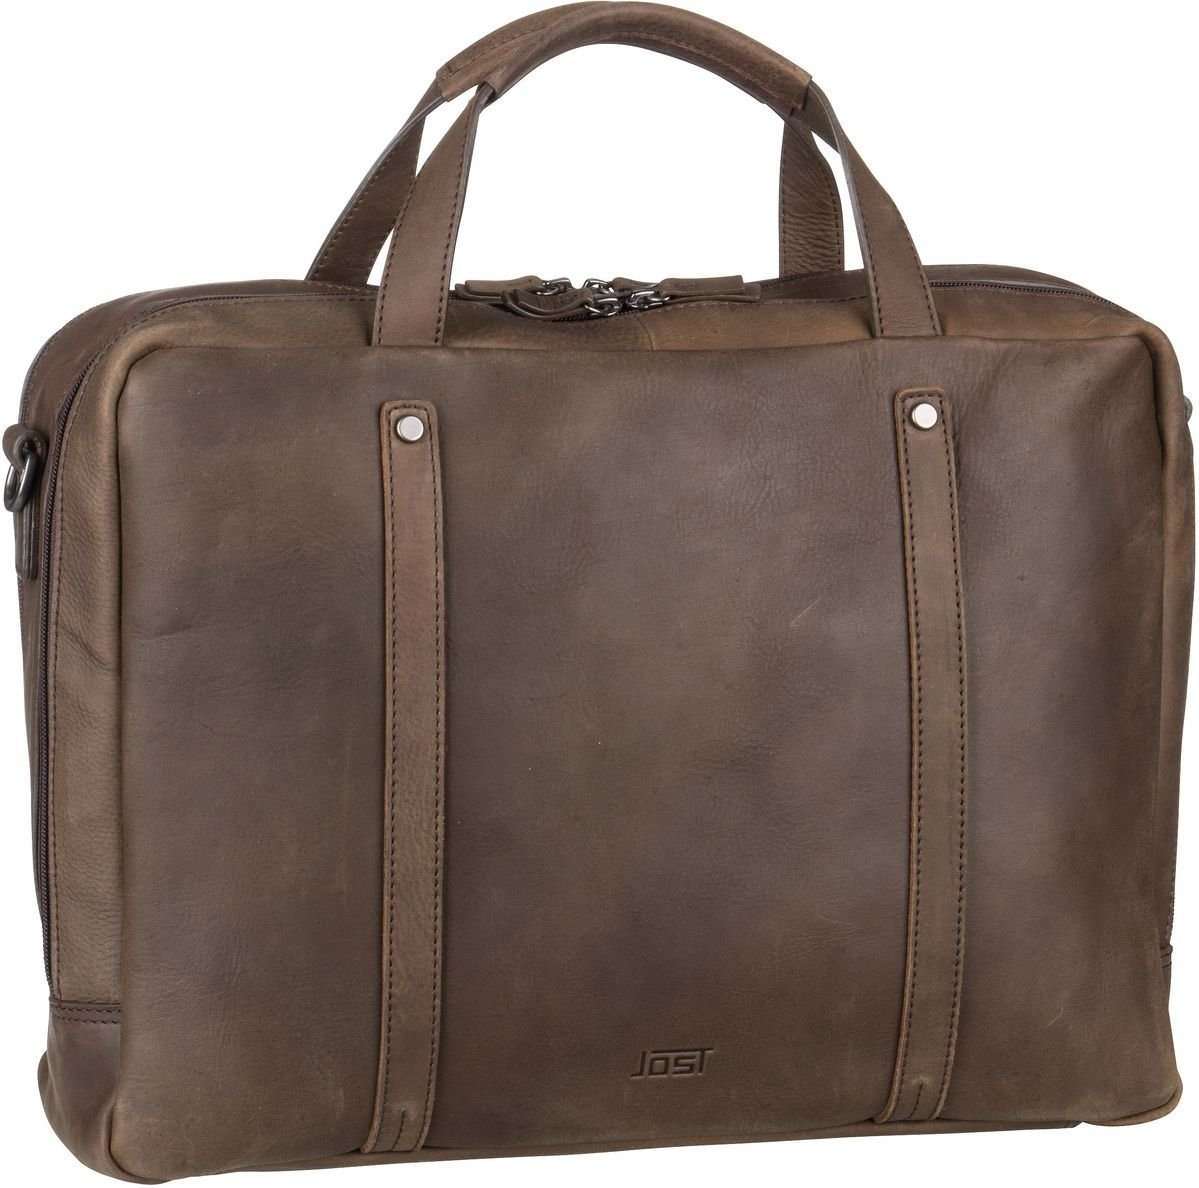 Jost Aktentasche »Salo 4644 Businesstasche« | Taschen > Business Taschen | Braun | Jost